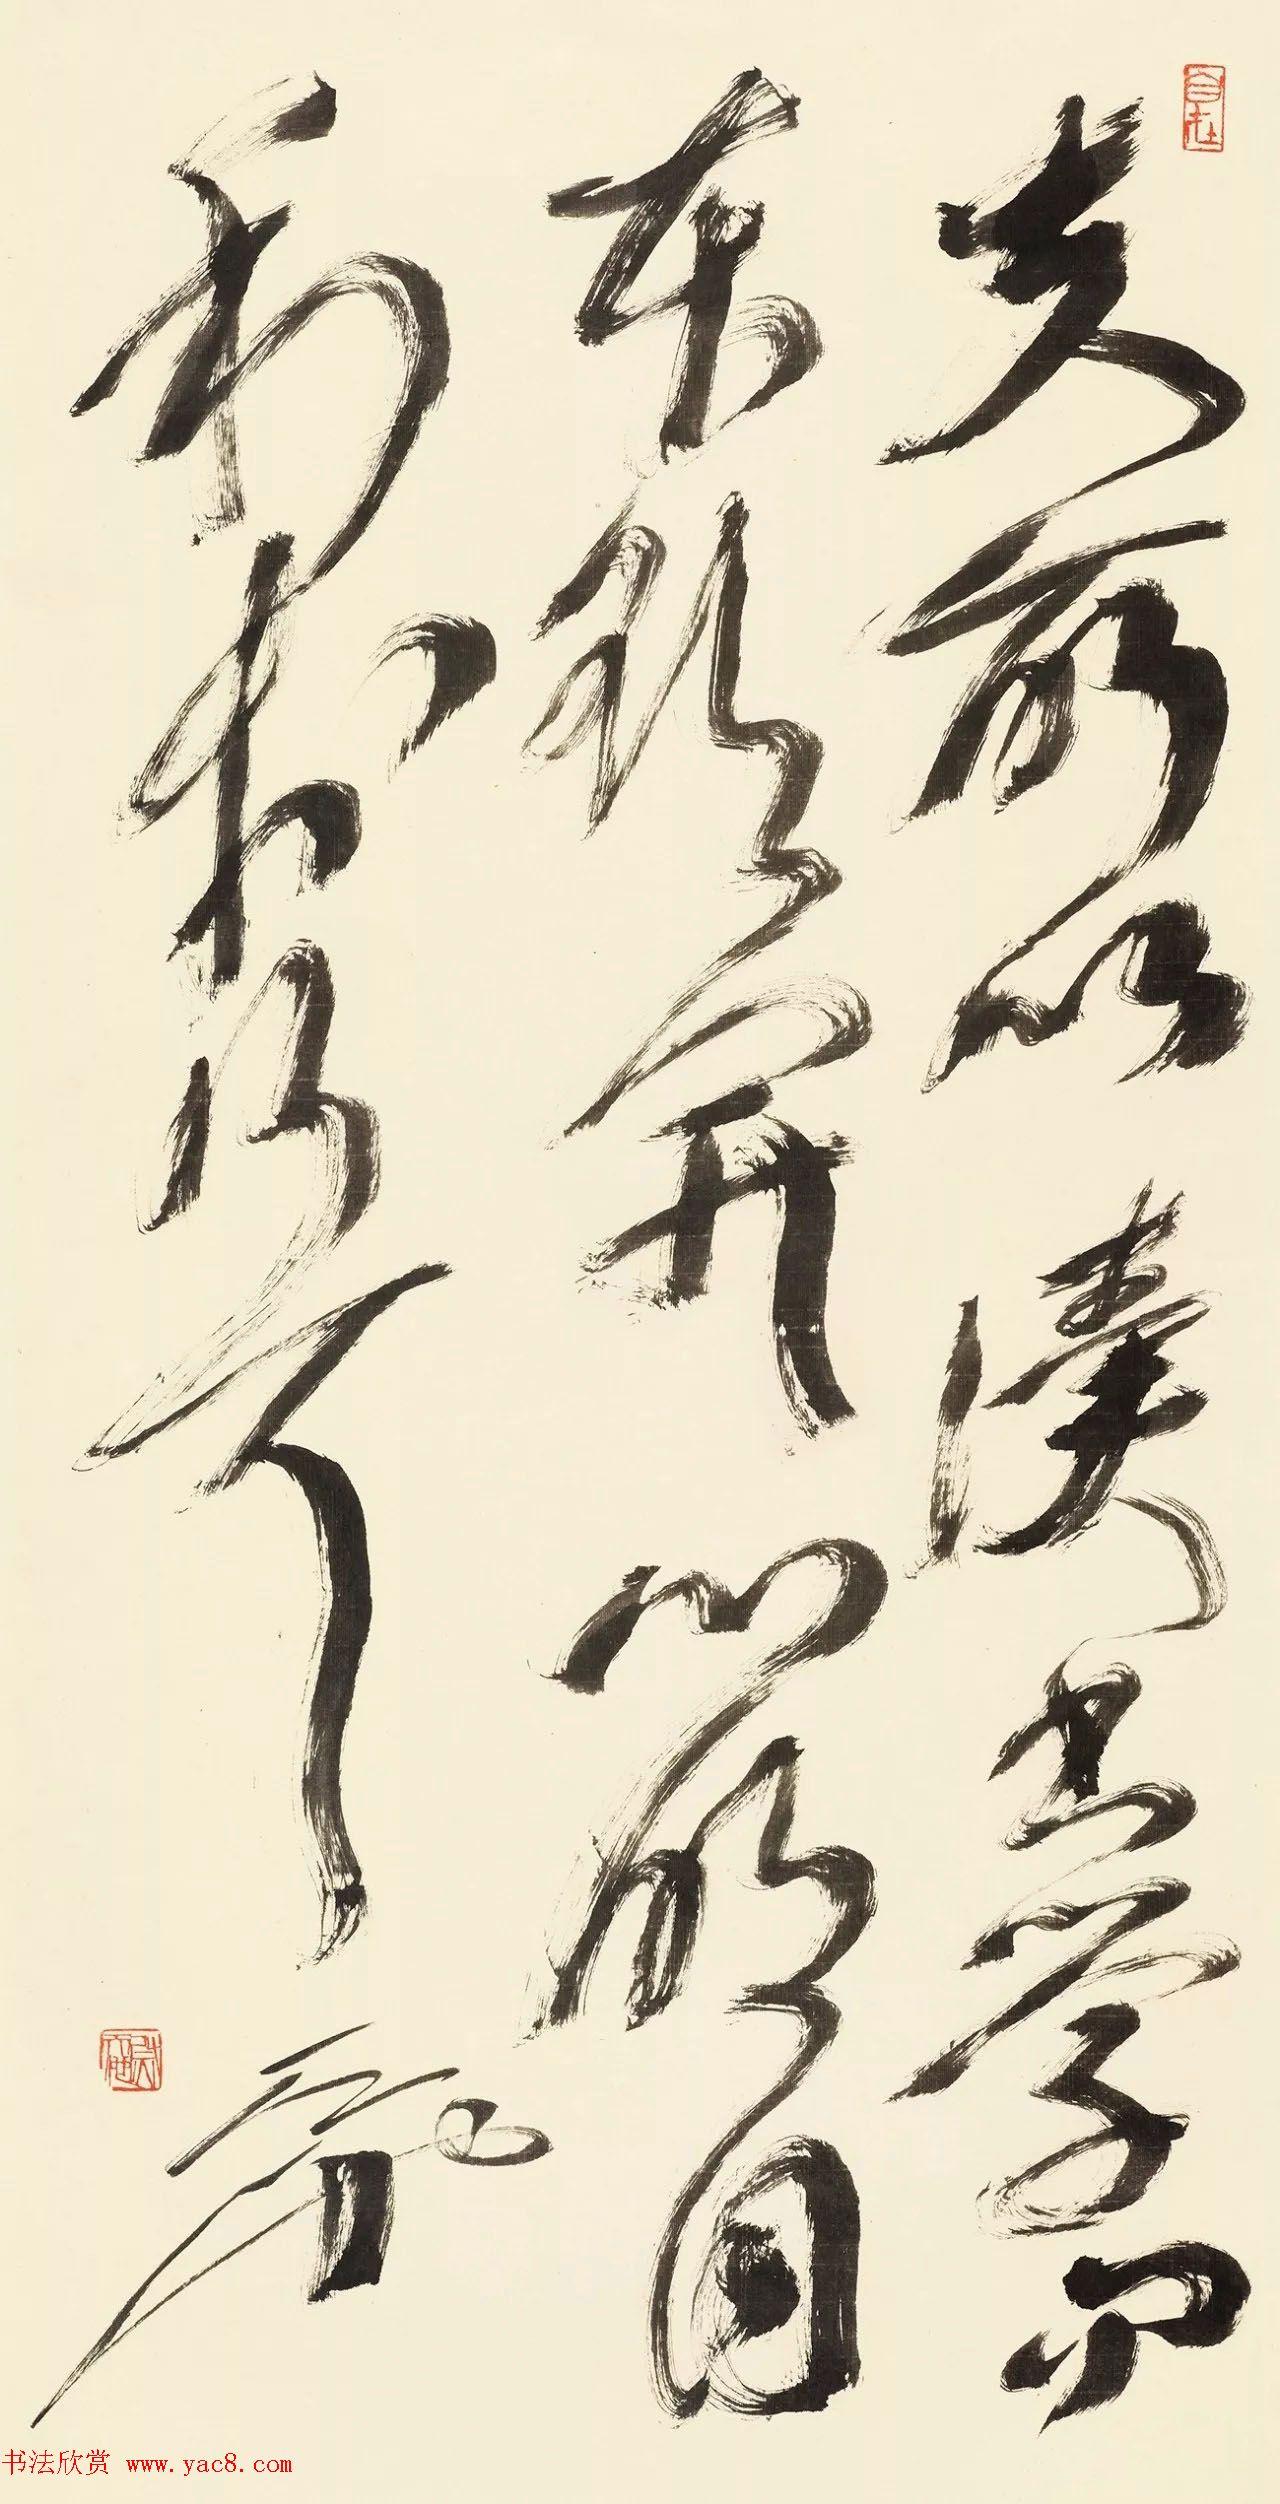 江苏首届经典家训书法作品展特邀、获奖作品欣赏